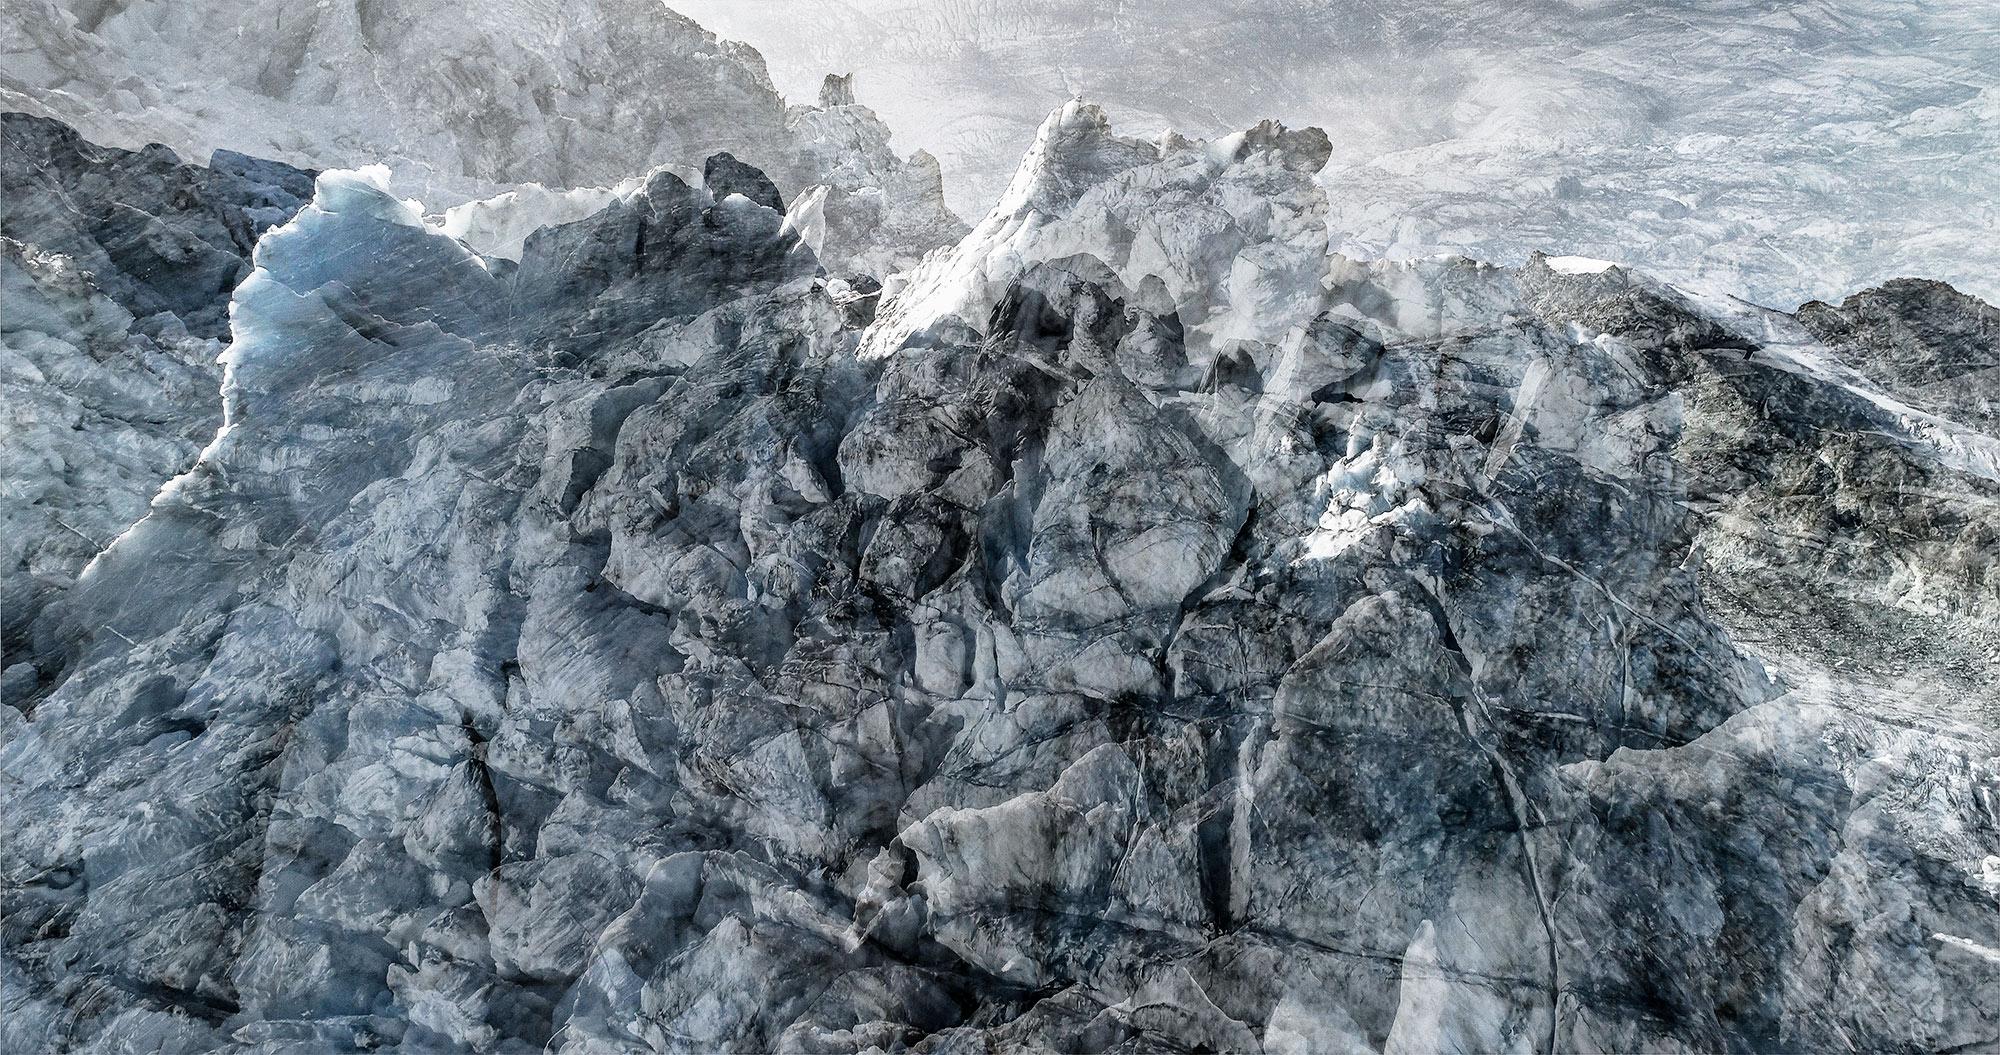 #89 Glaciers offset, 2017, photographie reconstruite à partir de bandes videos, réalisées sur le glacier de Moiry  #89 Glaciers offset, 2017, photographie reconstruite à partir de bandes videos, réalisées sur le glacier de Moiry